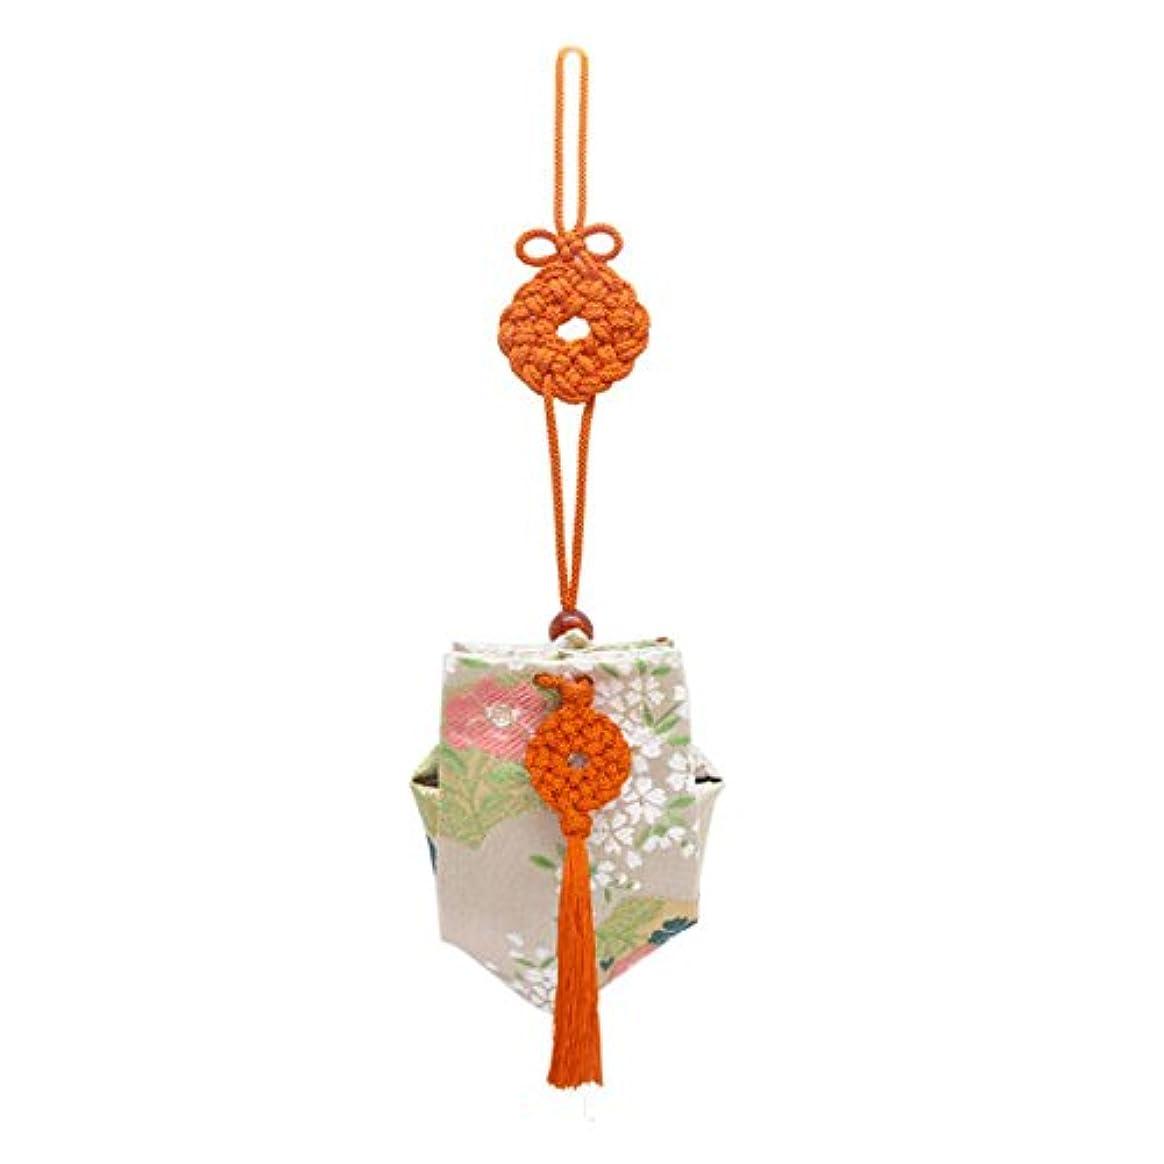 基礎植木キュービック訶梨勒 上品 紙箱入  朱紐/桜に扇面